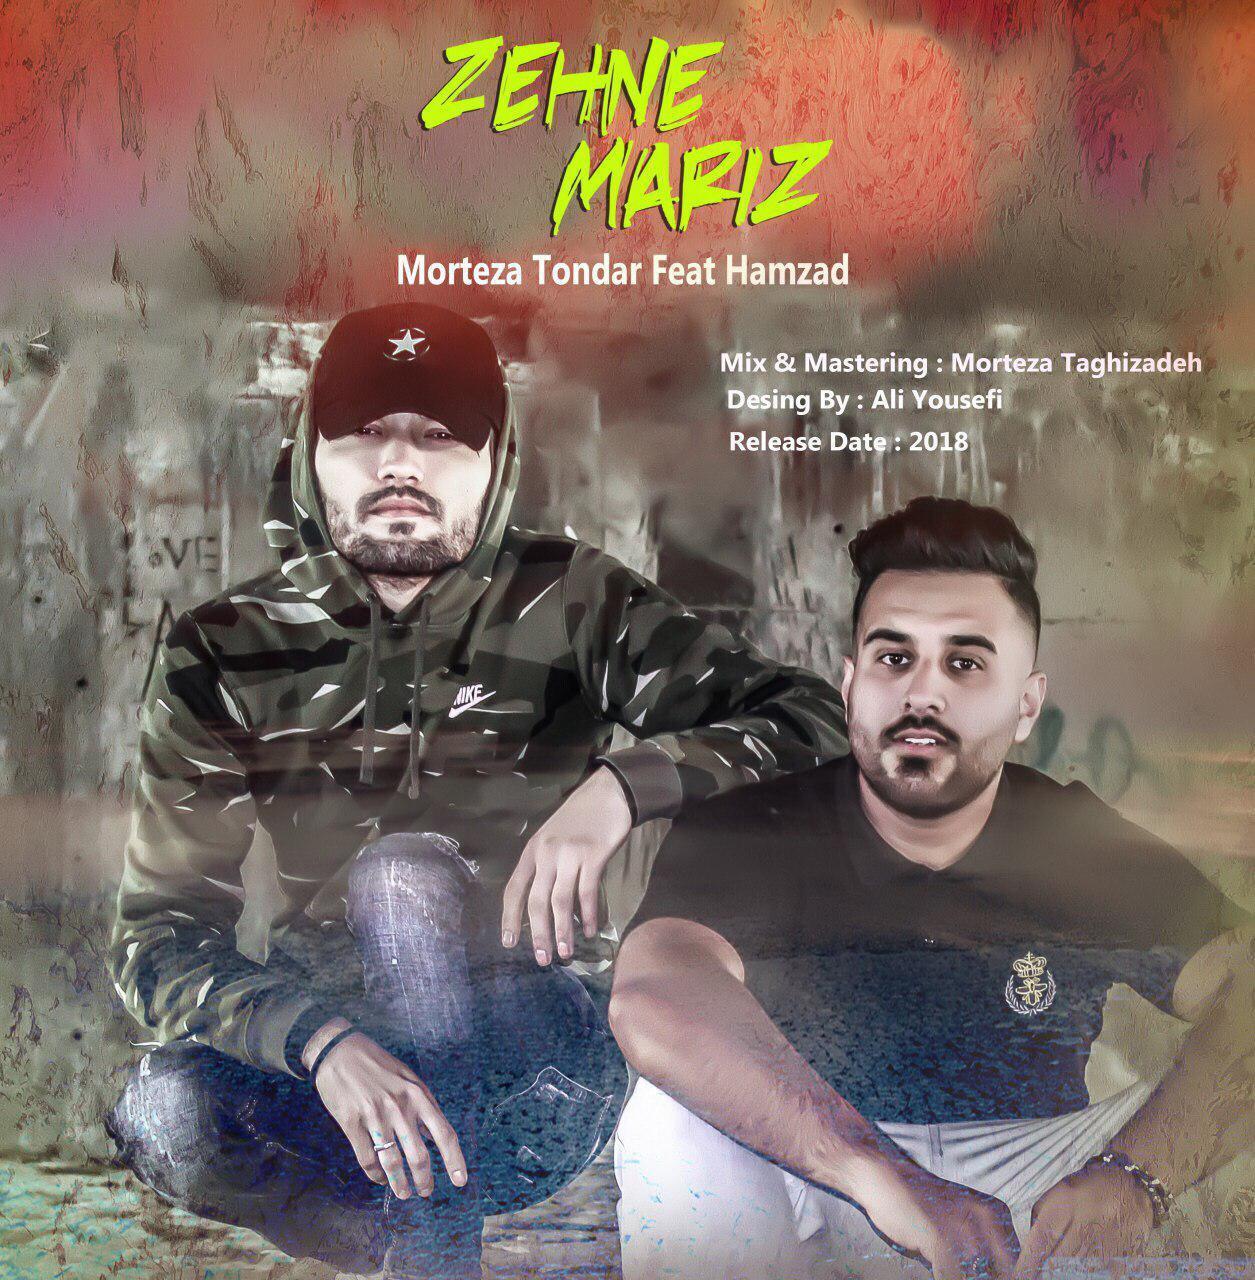 Zehne Mariz (FT Hamzad)